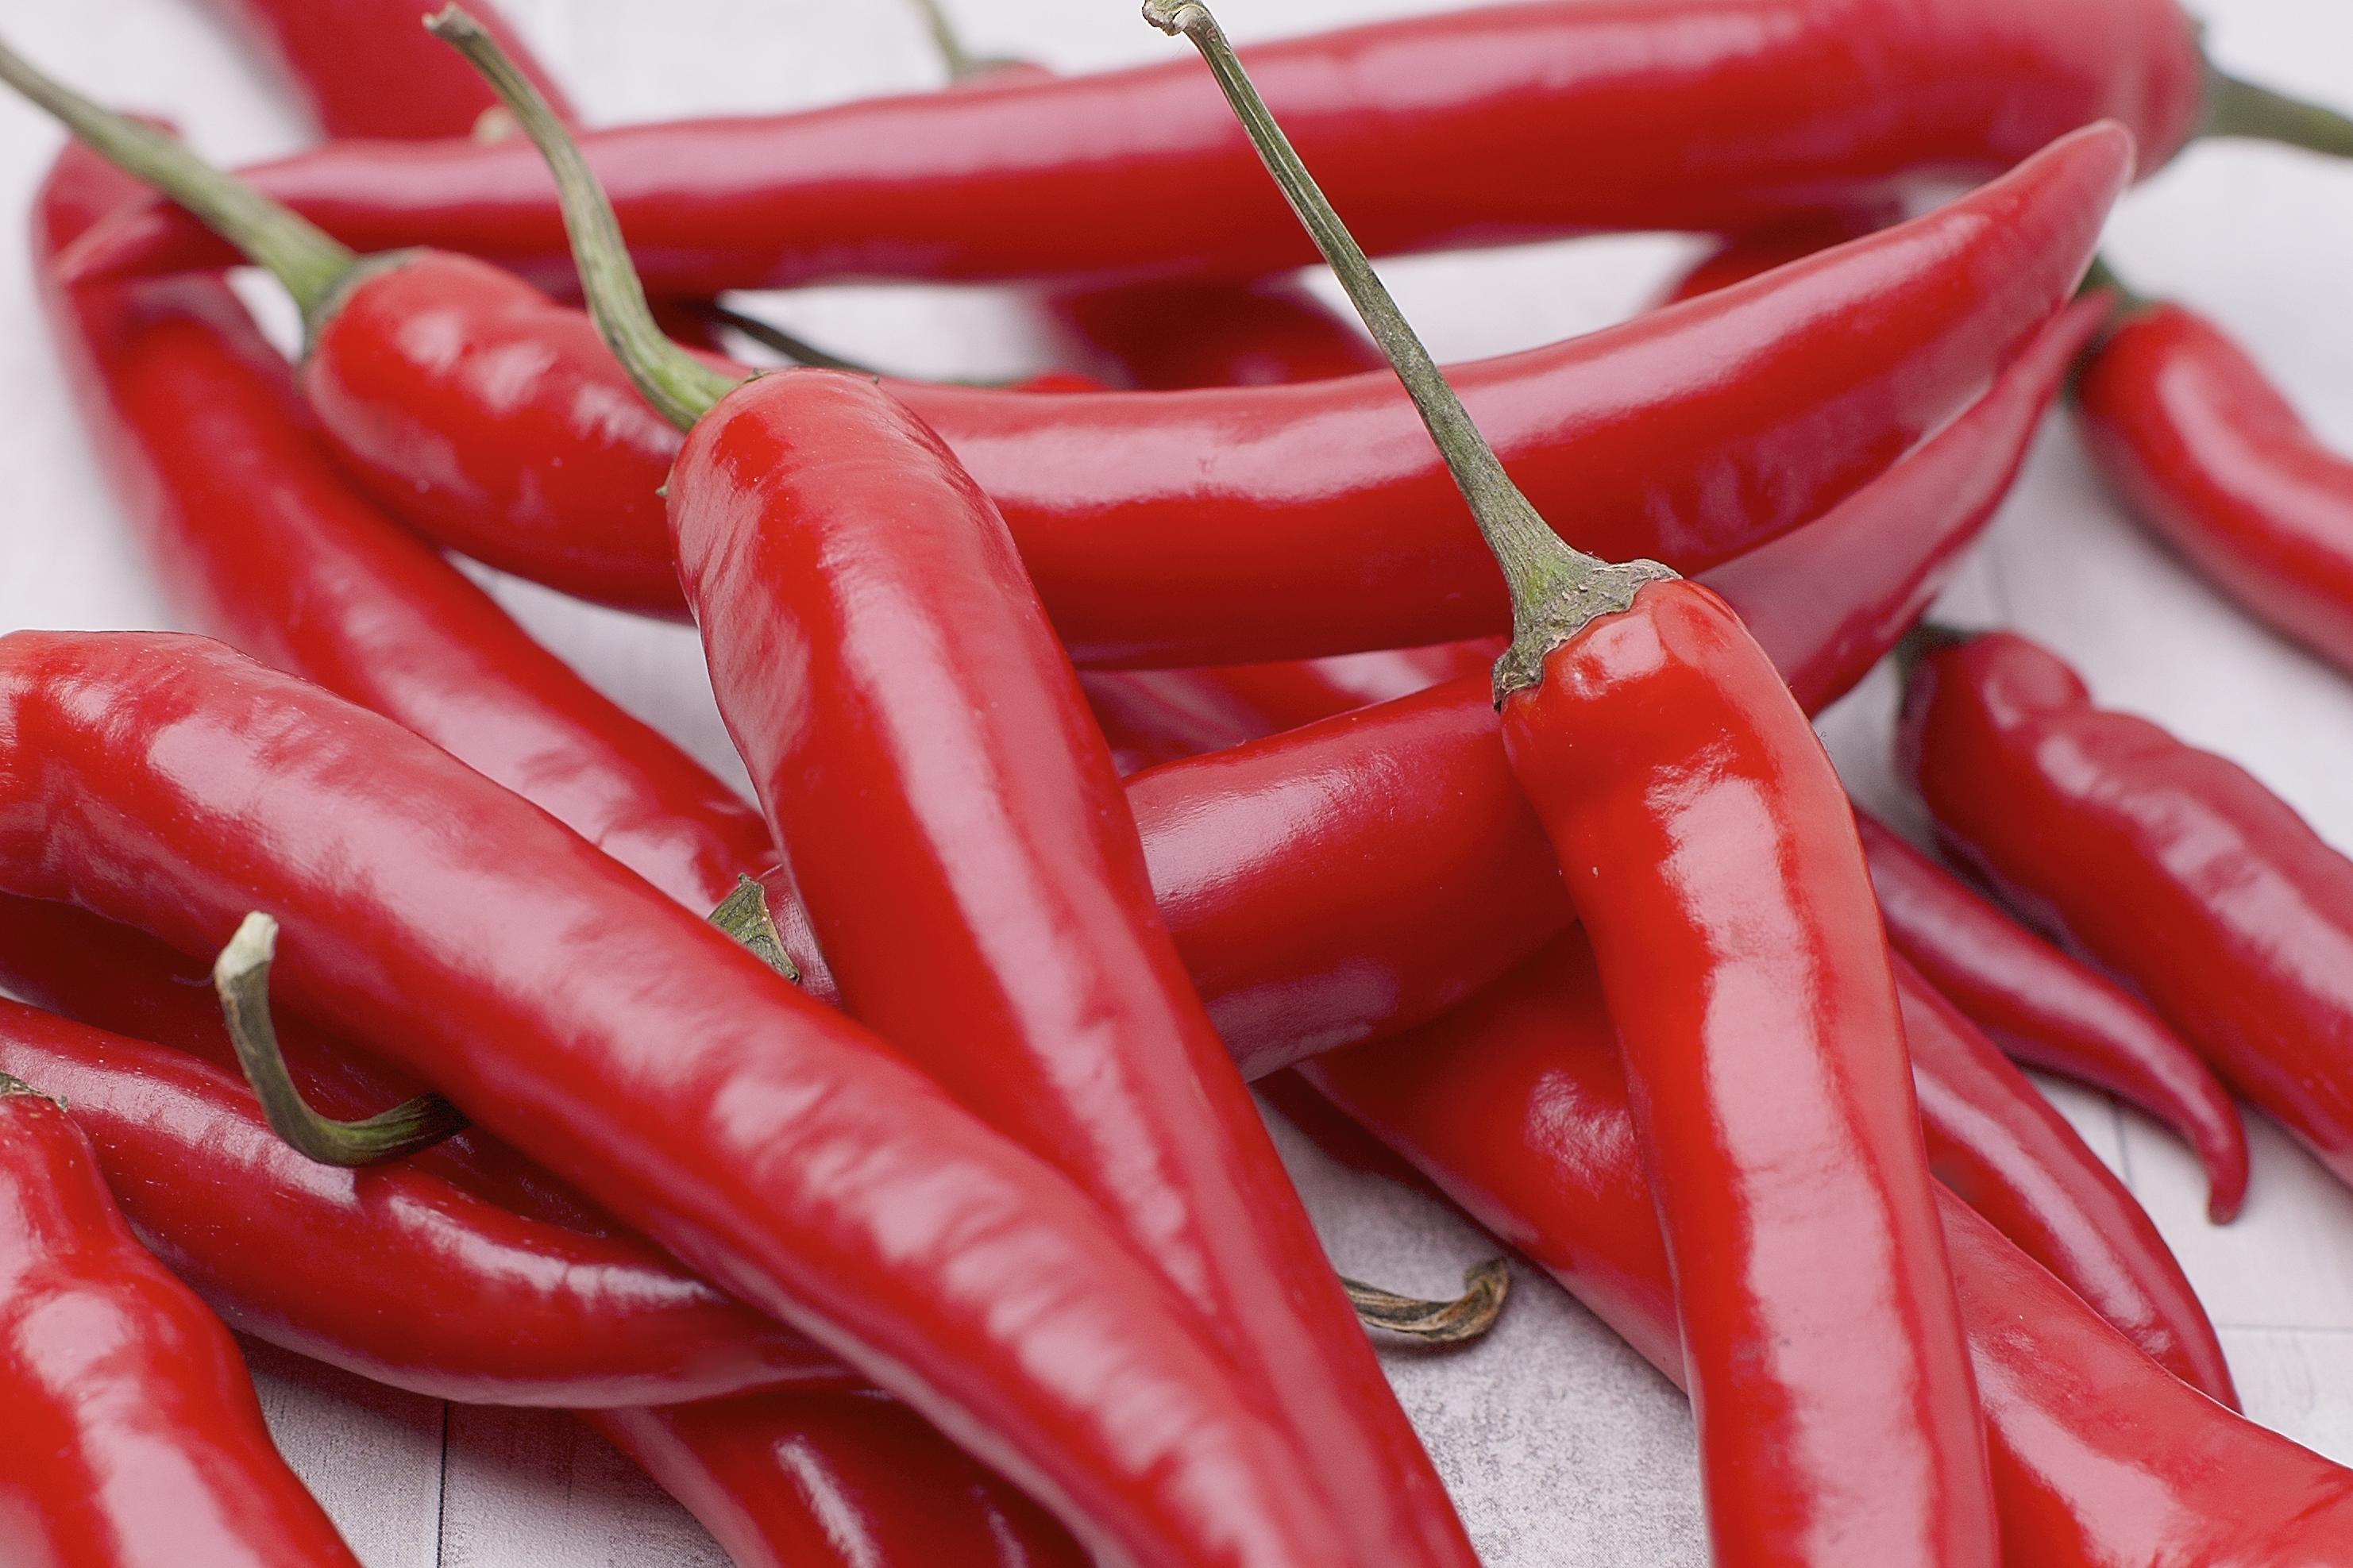 Mehrere feuerrote Chili-Peperoni der Bio-Sorte 'Fireflame' liegen kreuz und quer übereinander